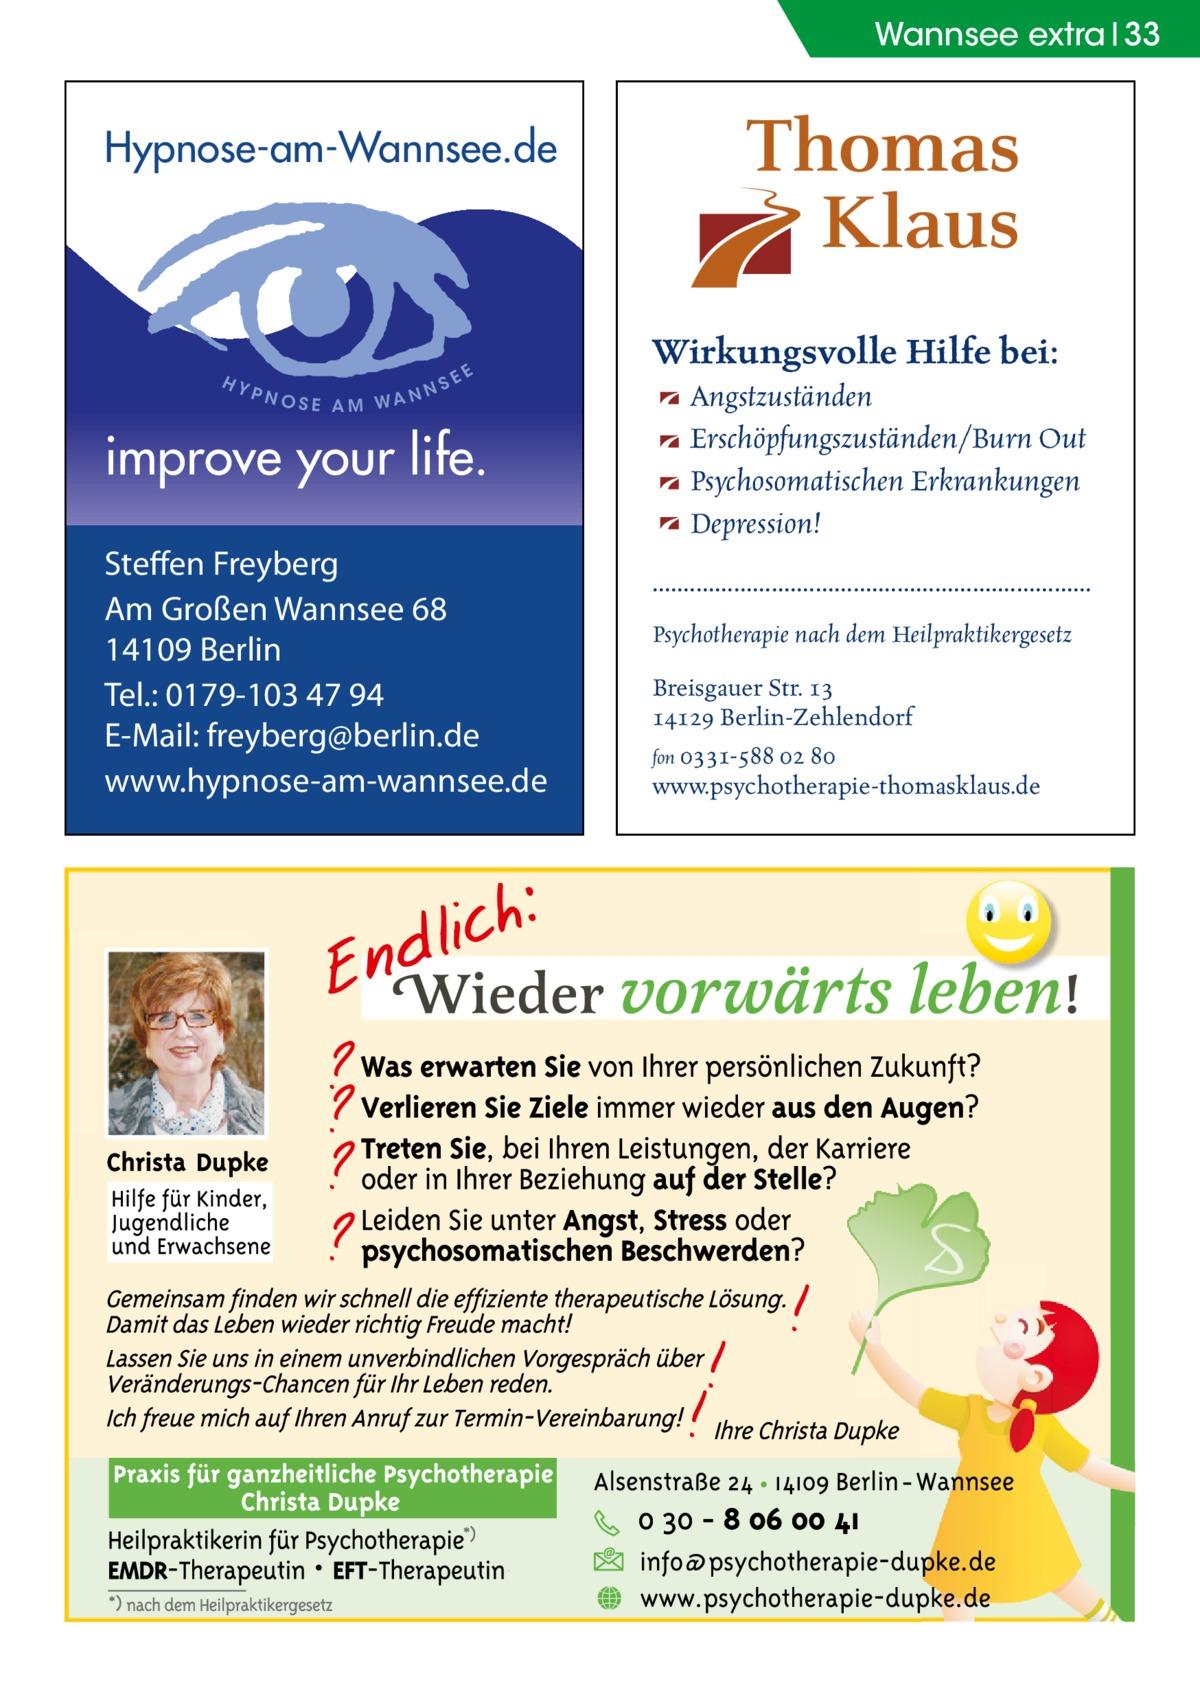 Wannsee extra 33  Hypnose-am-Wannsee.de  HY  PNO  SE AM WA  S NN  EE  improve your life. Steffen Freyberg Am Großen Wannsee 68 14109 Berlin Tel.: 0179-103 47 94 E-Mail: freyberg@berlin.de www.hypnose-am-wannsee.de  Wirkungsvolle Hilfe bei: Angstzuständen Erschöpfungszuständen/Burn Out Psychosomatischen Erkrankungen Depression! ...................................................................... Psychotherapie nach dem Heilpraktikergesetz Breisgauer Str. 13 14129 Berlin-Zehlendorf fon 0331-588 02 80 www.psychotherapie-thomasklaus.de